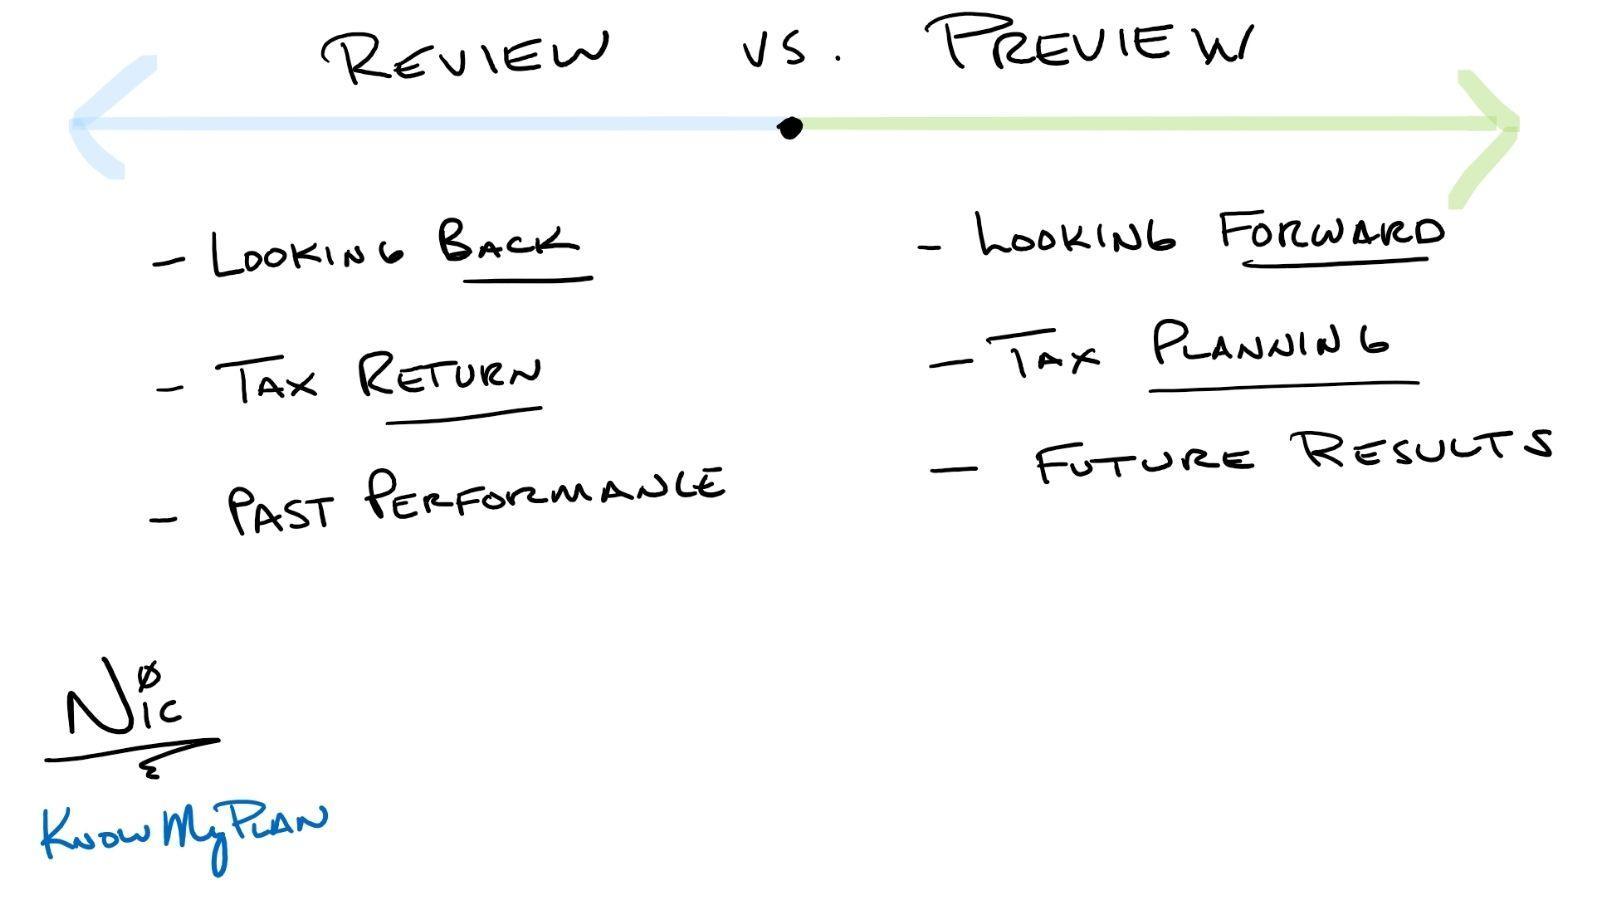 Review vs. Preview Thumbnail